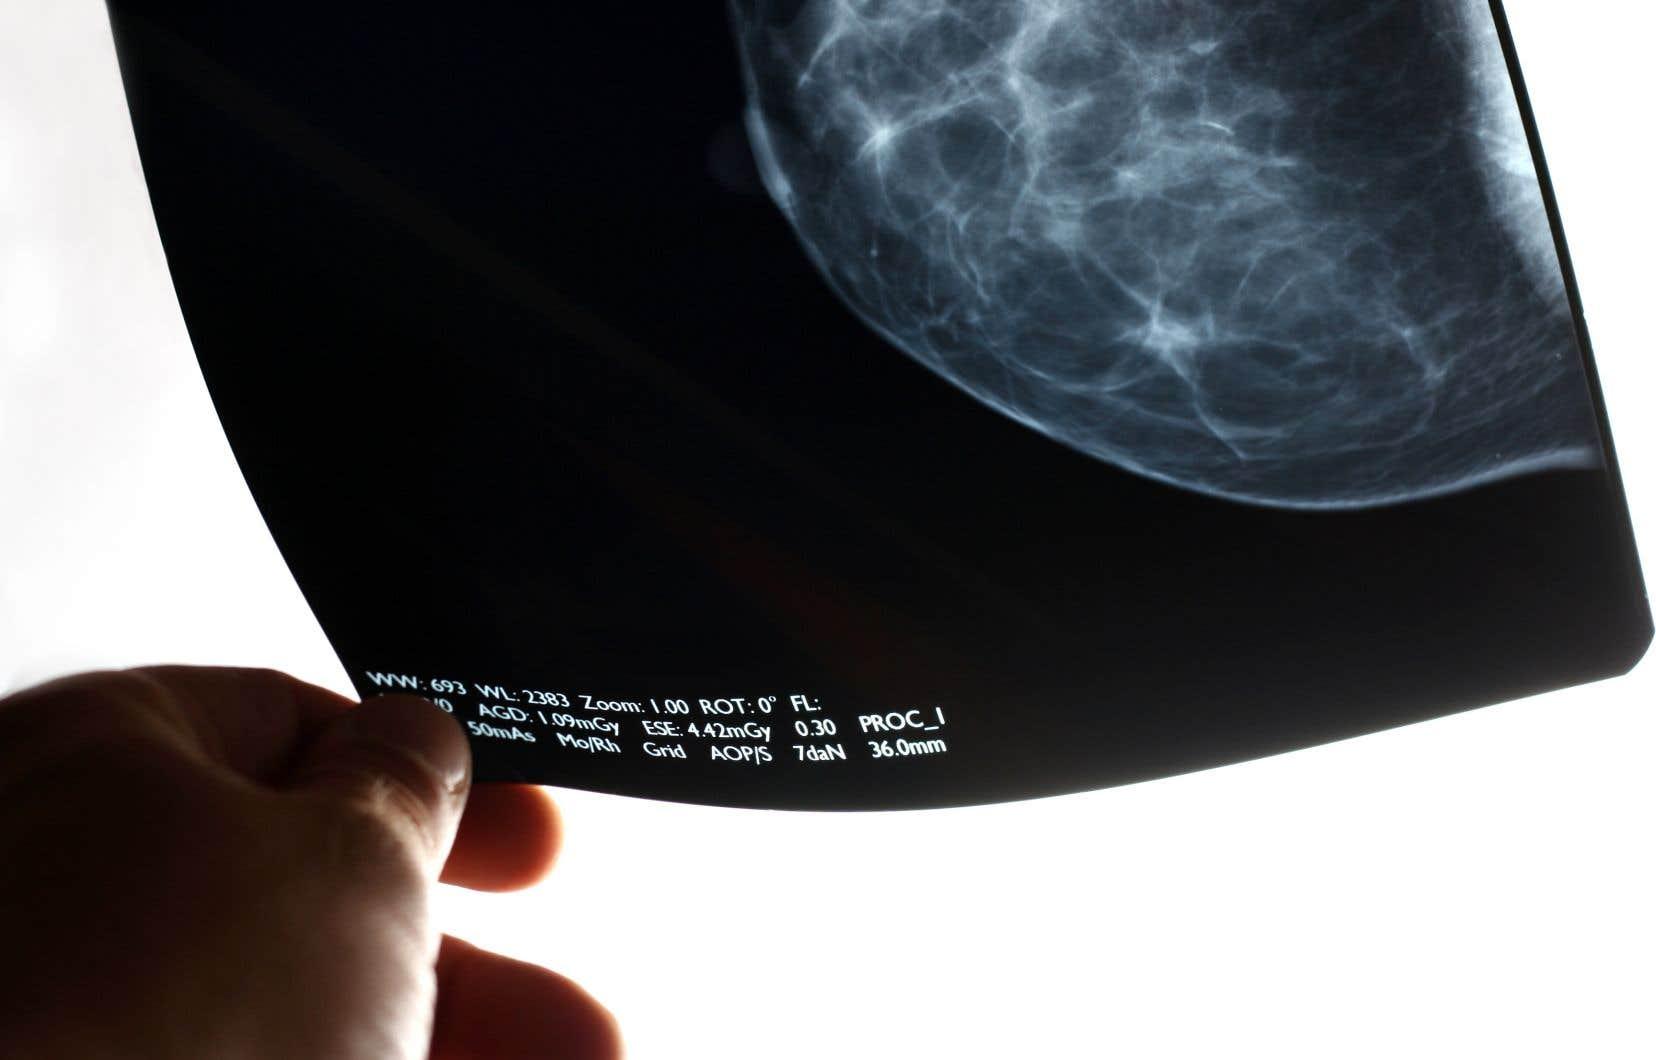 À l'échelle mondiale, le nombre de diagnostics de cancer serait en recul de 40%.